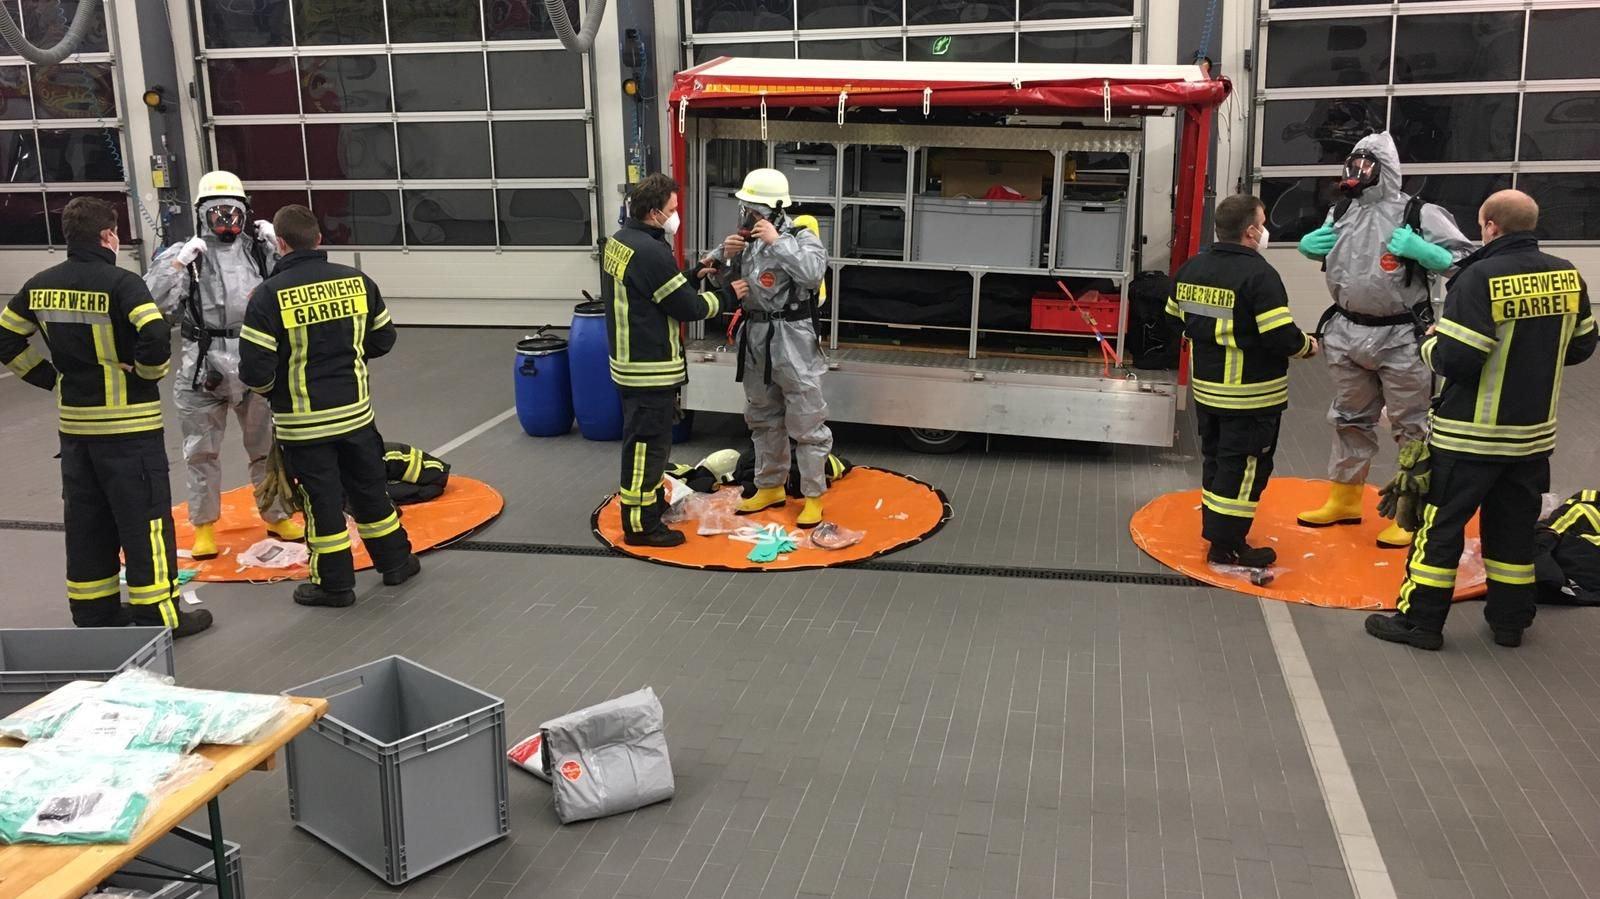 Mit Masken und Abstand: Unter der Einhaltung von Hygieneregeln wurde die Einsatzübung im Feuerwehrhaus für die Atemschutzgeräteträger durchgeführt. Foto: Feuerwehr Garrel